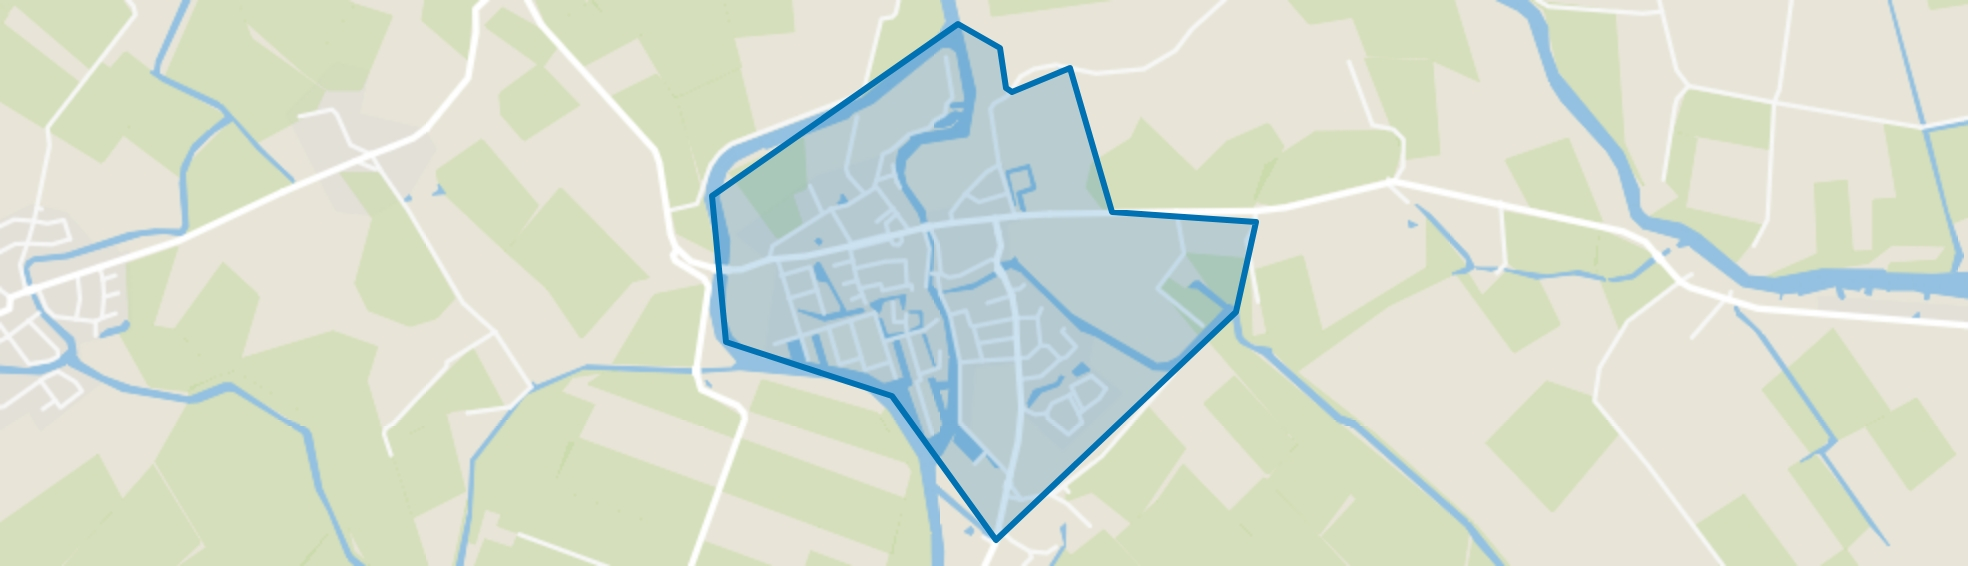 Wergea, Wergea map